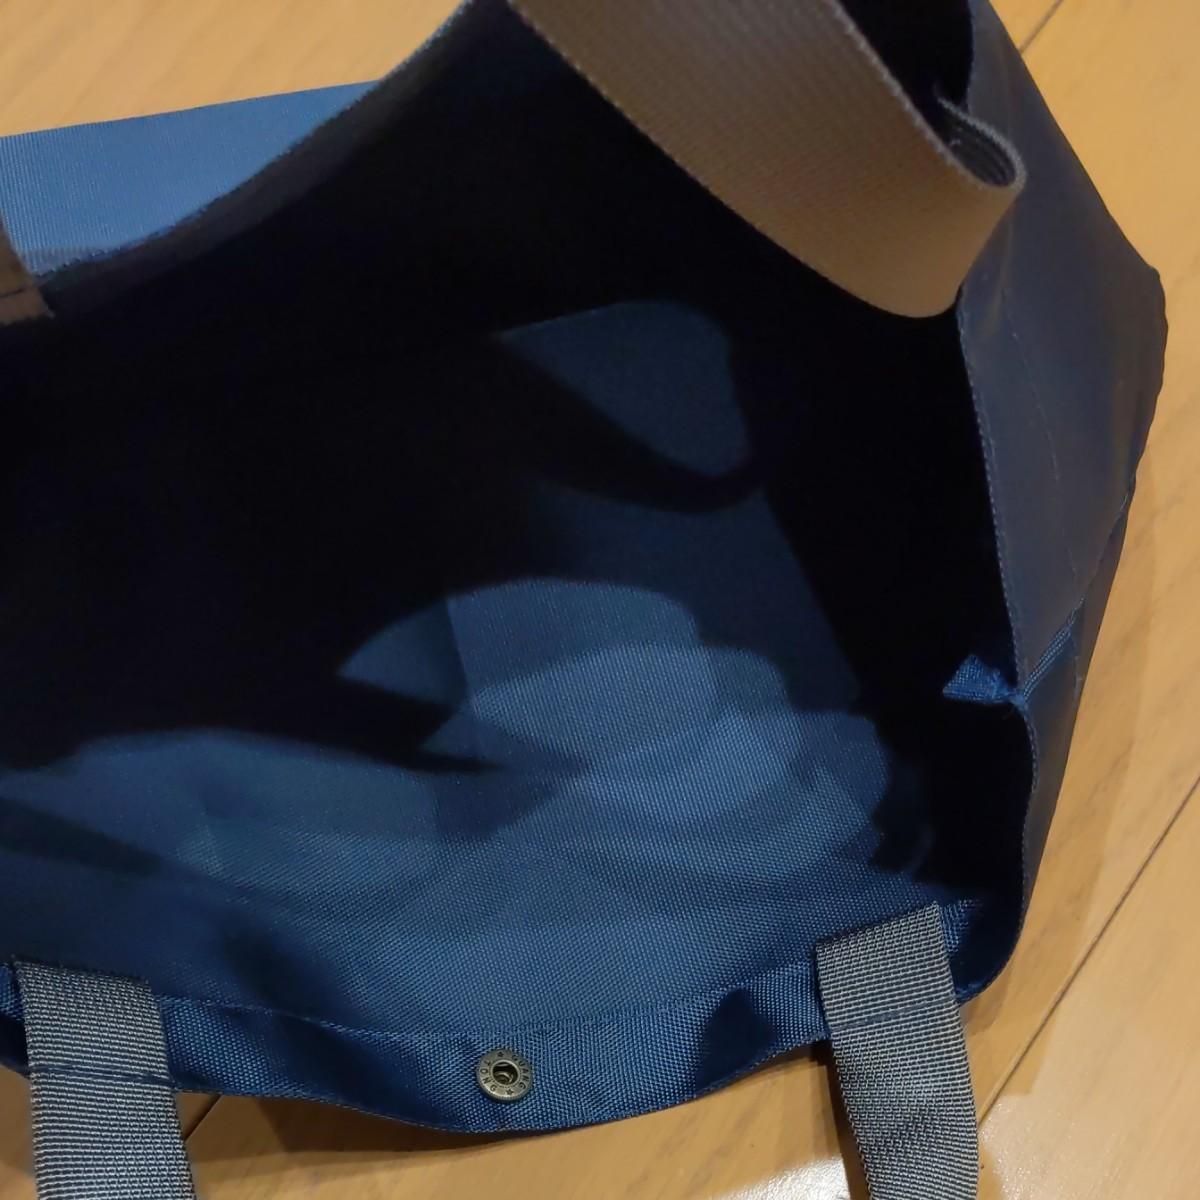 トートバッグ カレルチャペック カレルチャペック紅茶店 トートバッグ エコバッグ アリス ネイビー ナイロン製 限定 山田詩子